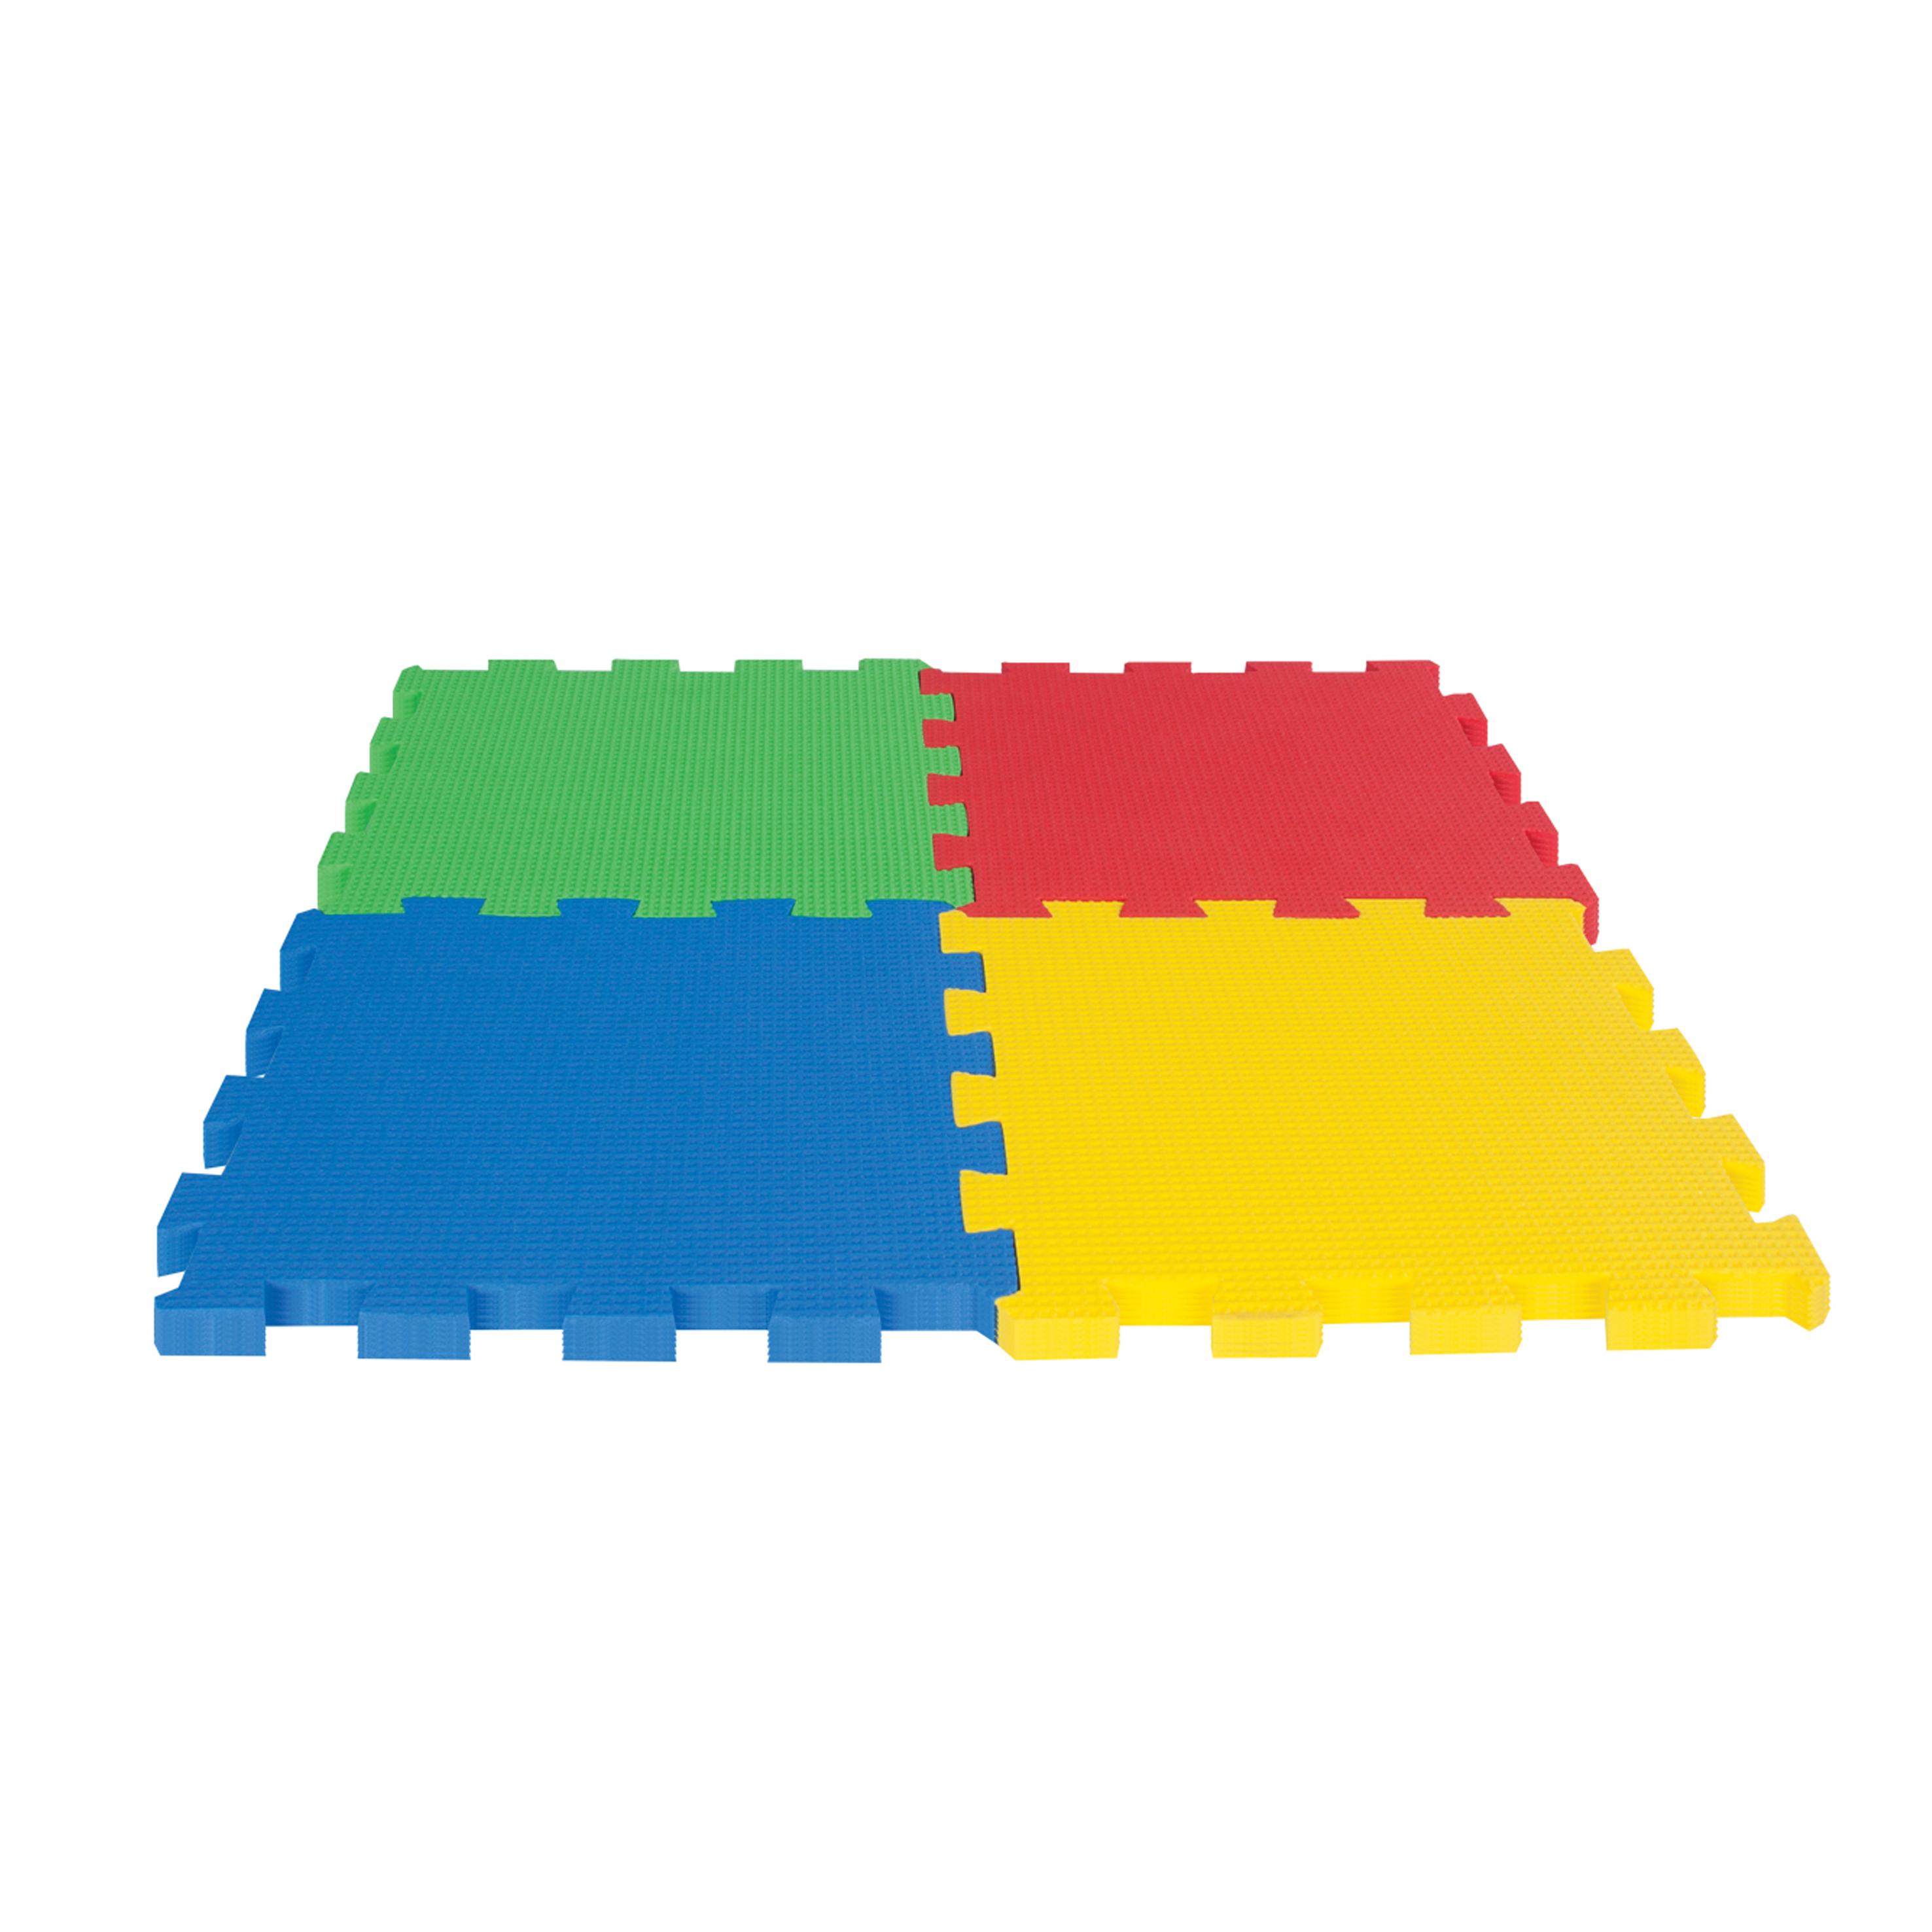 Covoraș tip puzzle din spumă, 20 mm (50 x 50 cm) imagine edituradiana.ro